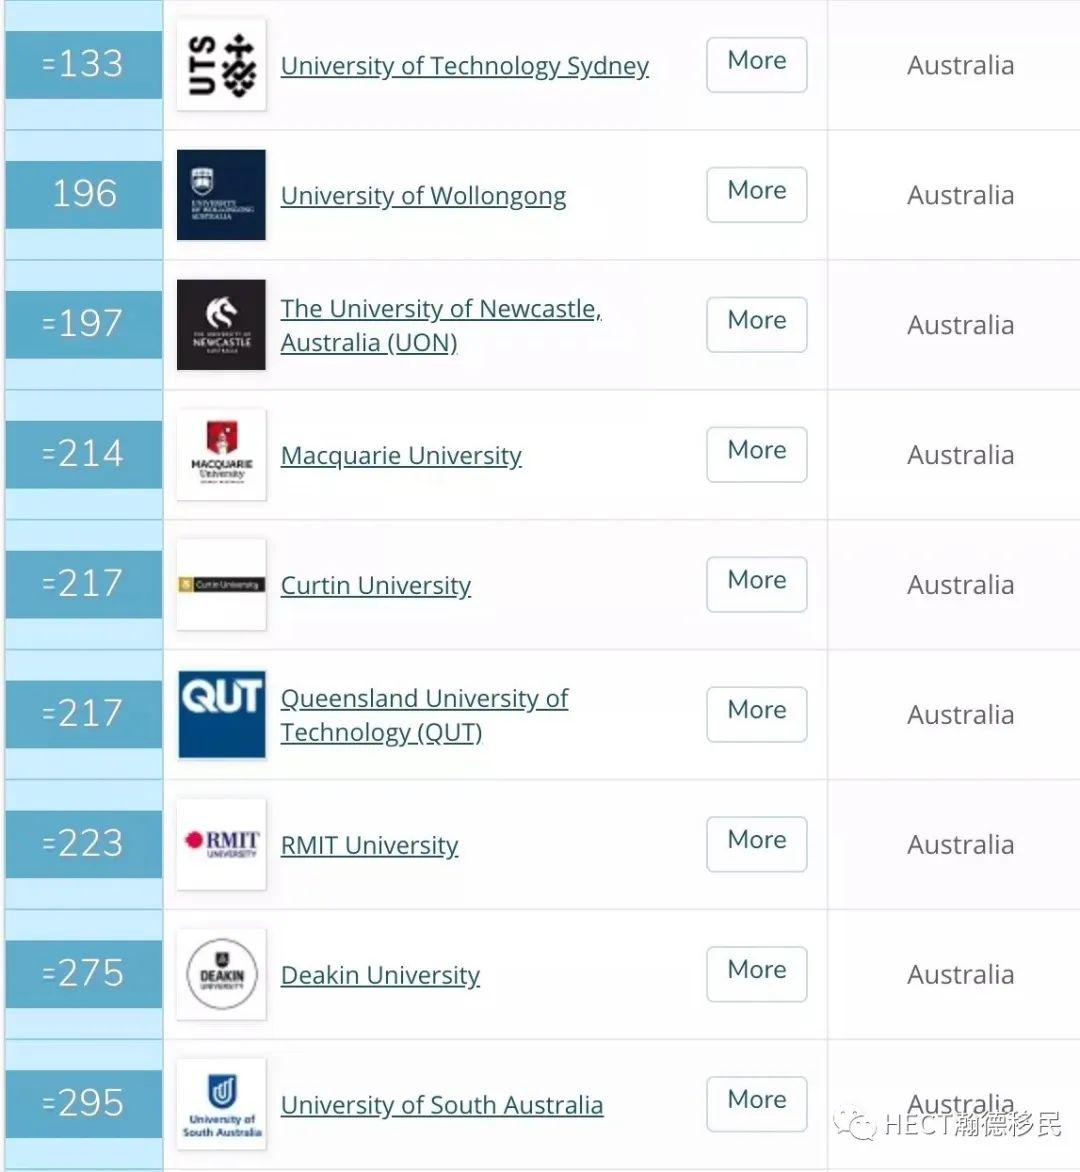 高考成绩也可申请澳洲高校!内附3种高考后澳洲高校申请方案